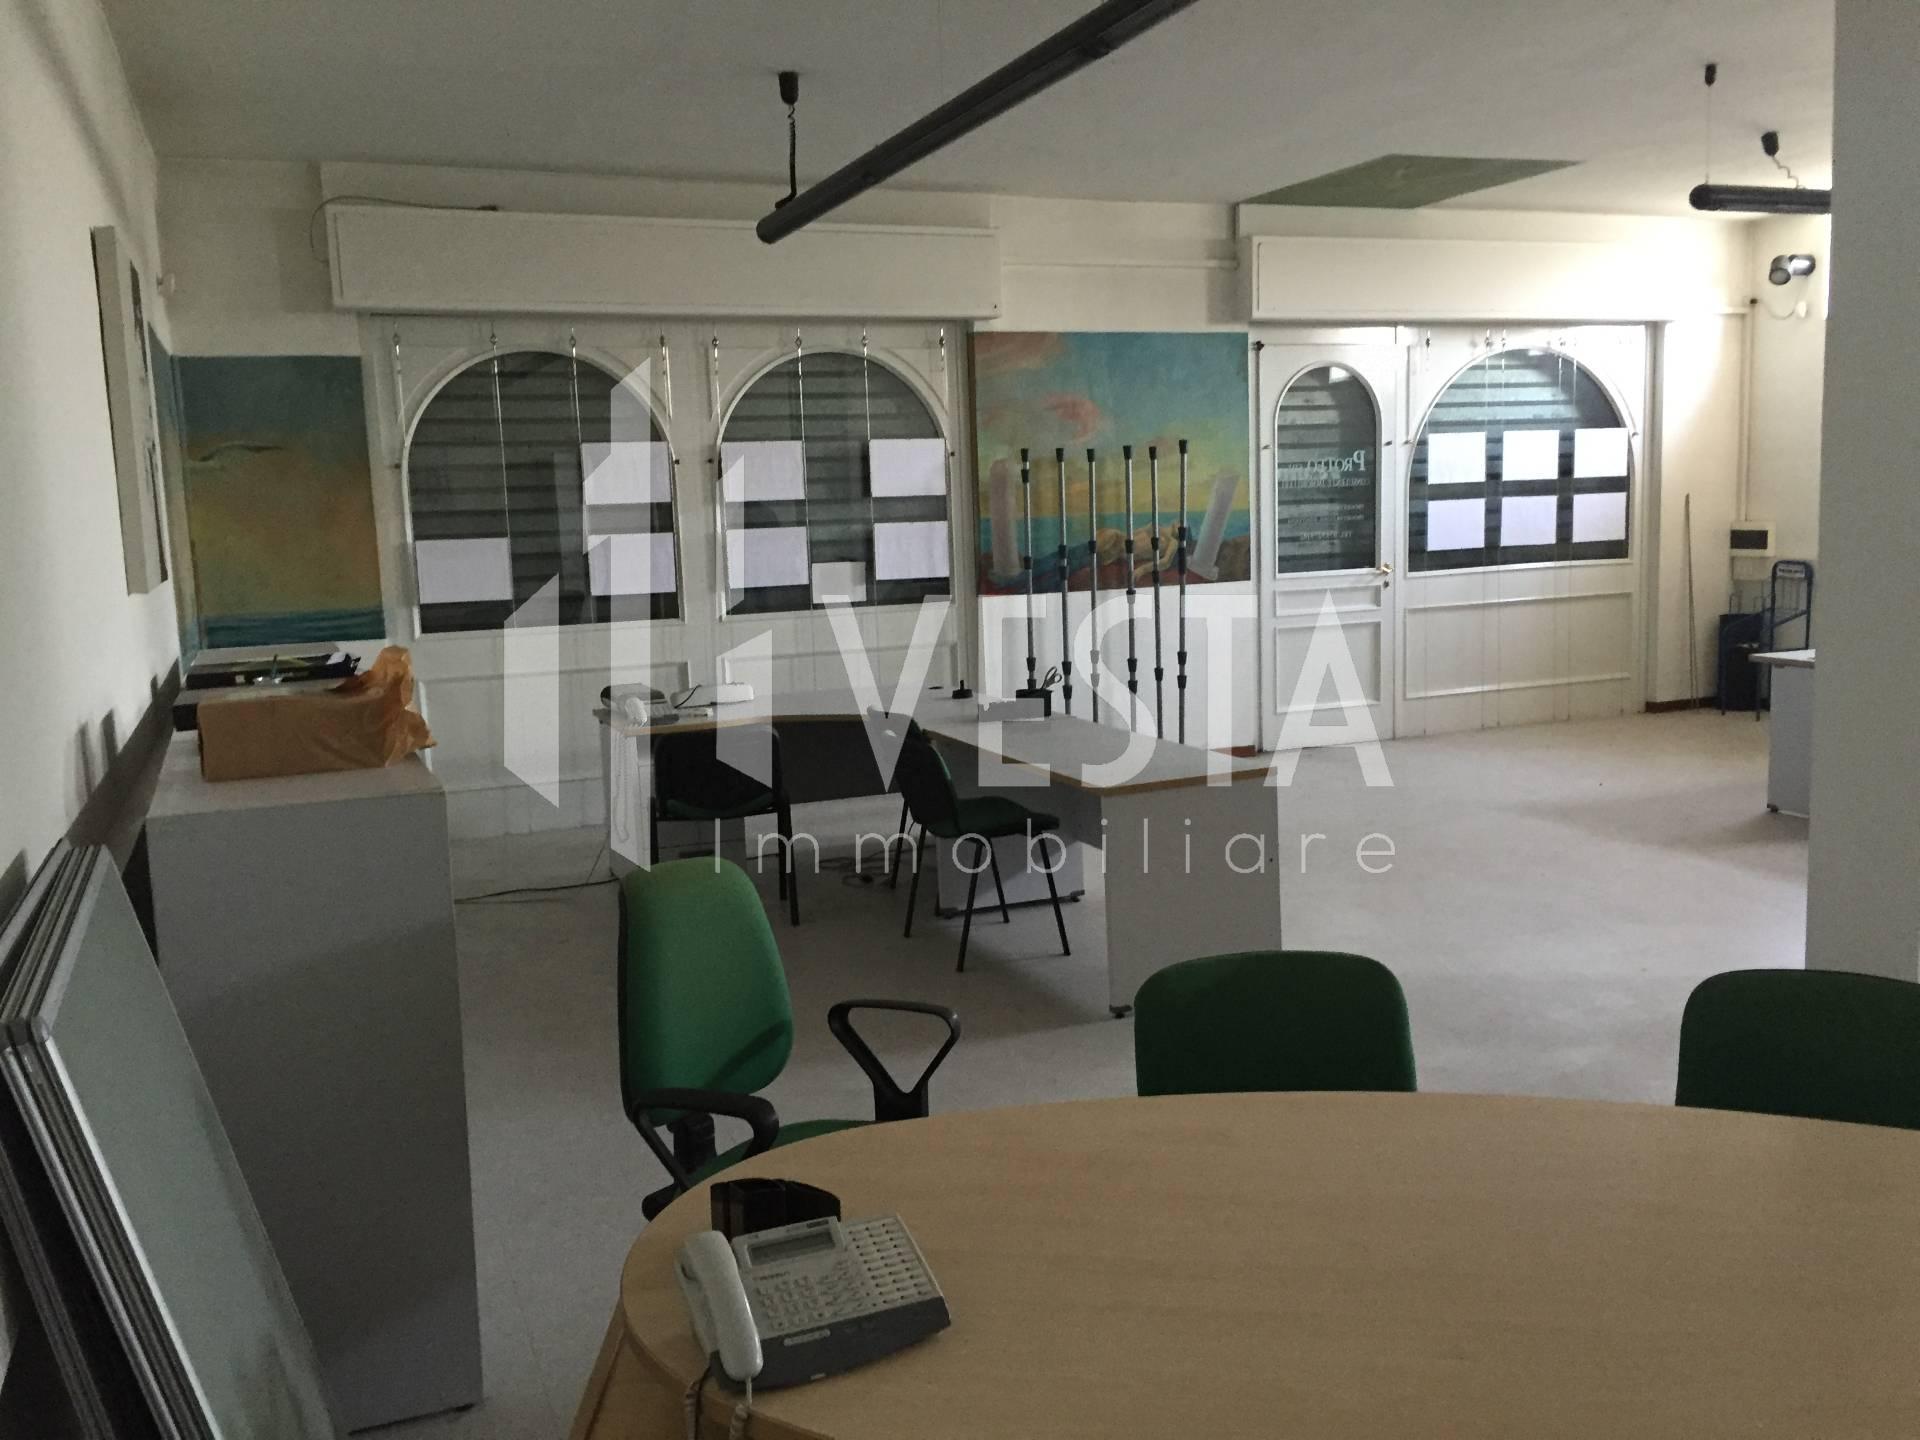 Ufficio / Studio in vendita a Missaglia, 9999 locali, prezzo € 245.000 | CambioCasa.it